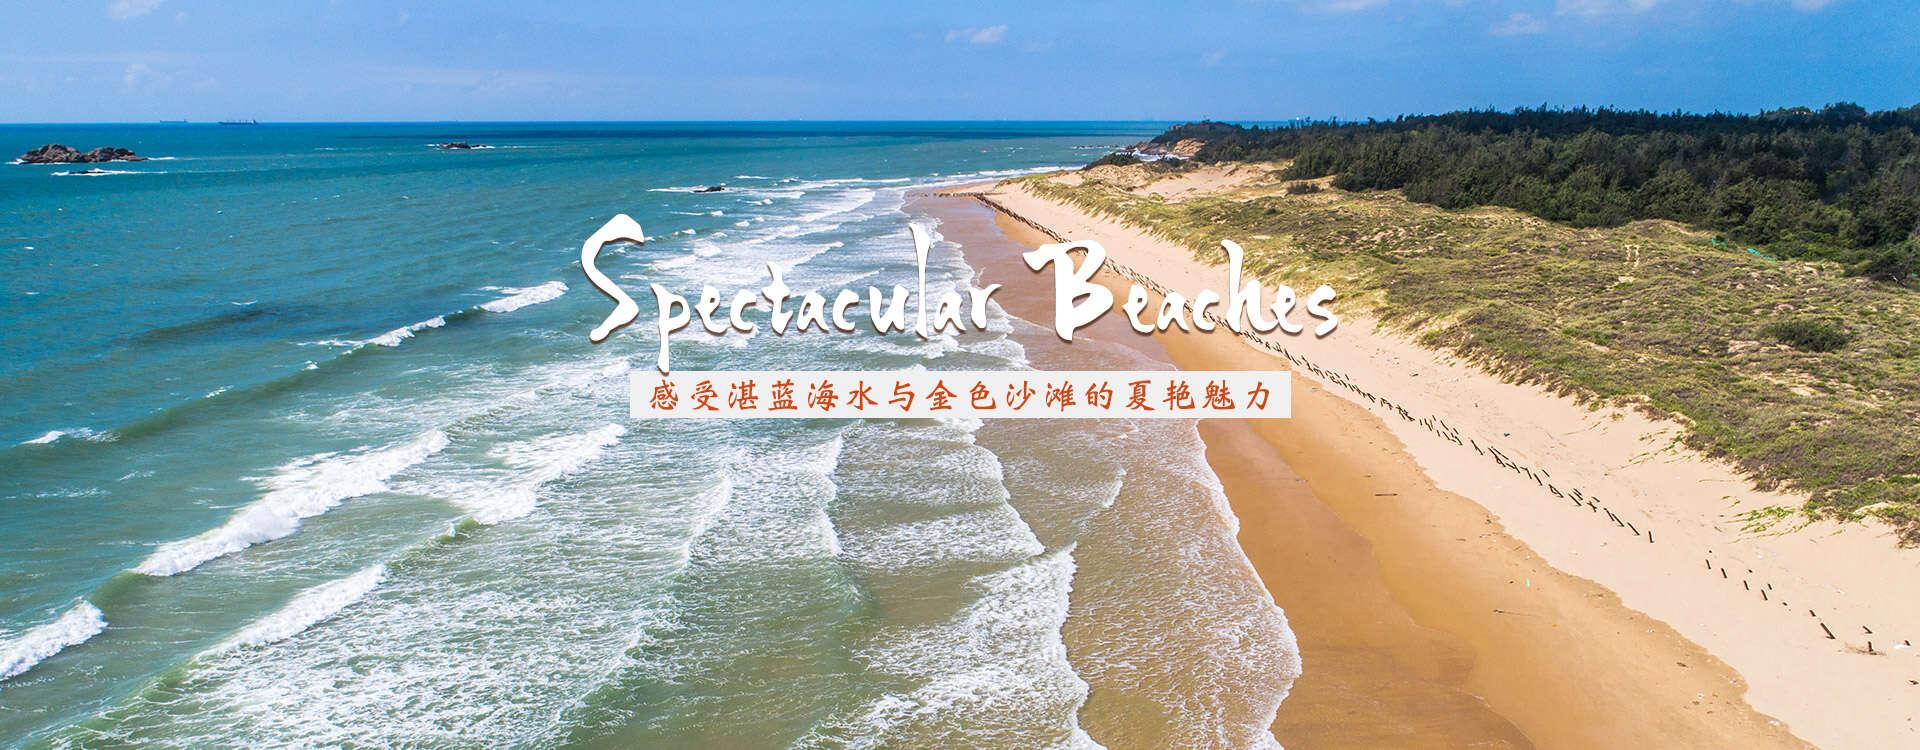 感受湛蓝海水与金色沙滩的夏艳魅力